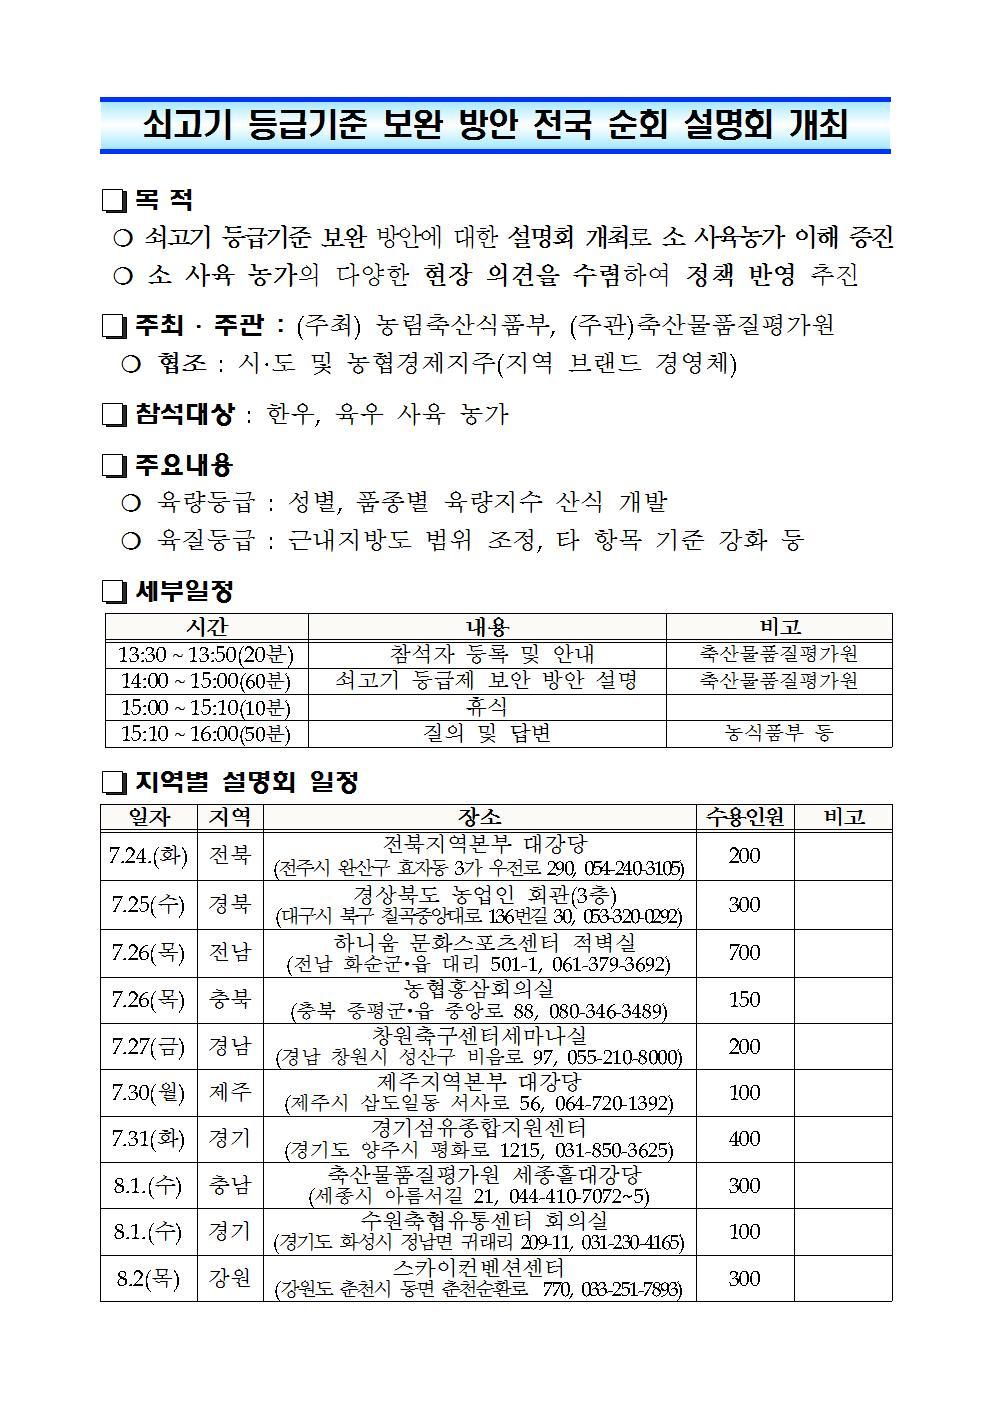 쇠고기 등급기준 보완 방안 전국 순회 설명회 개최001.jpg